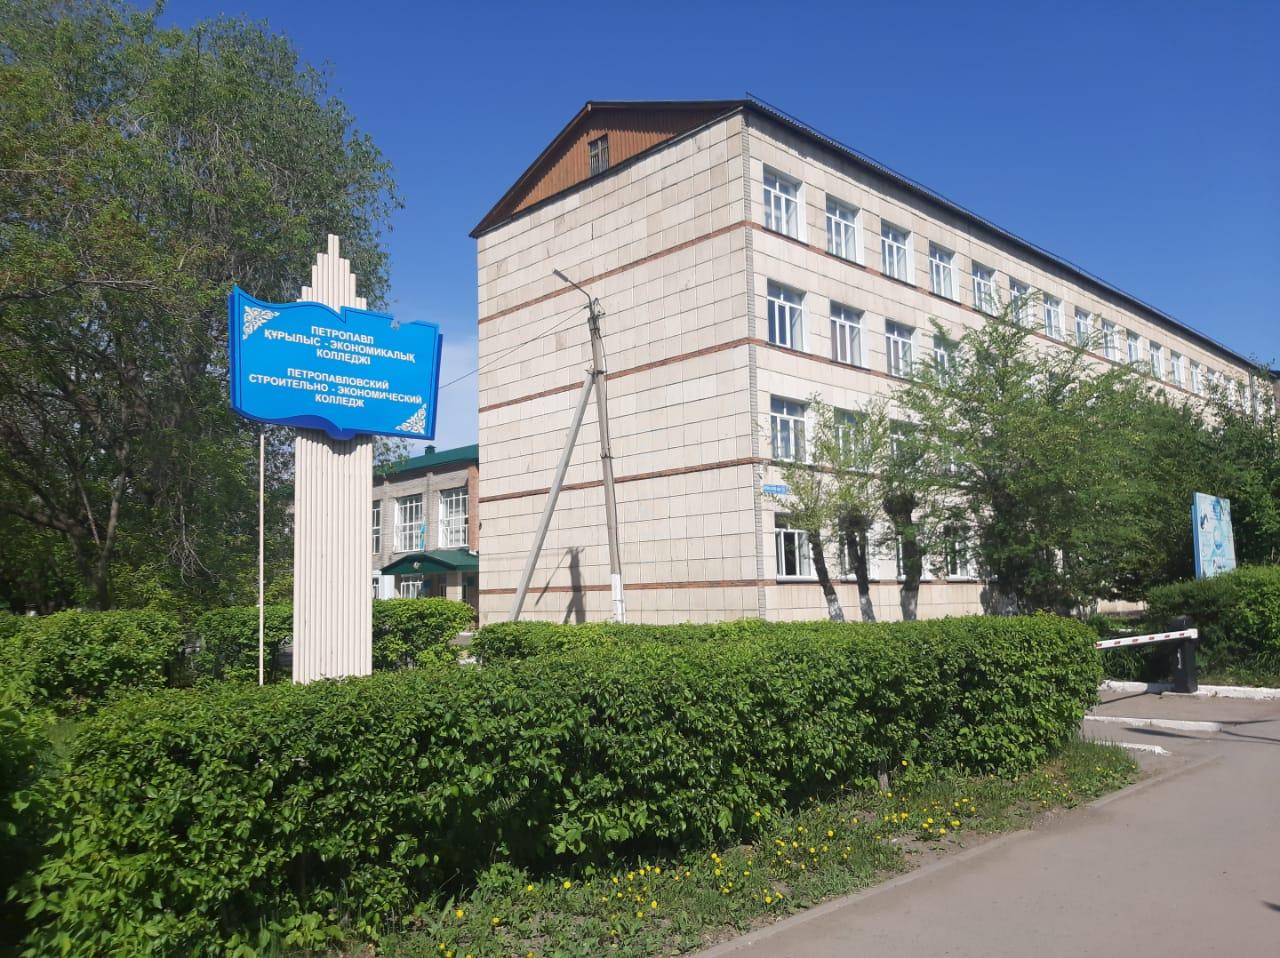 Петропавловский строительно-экономический колледж